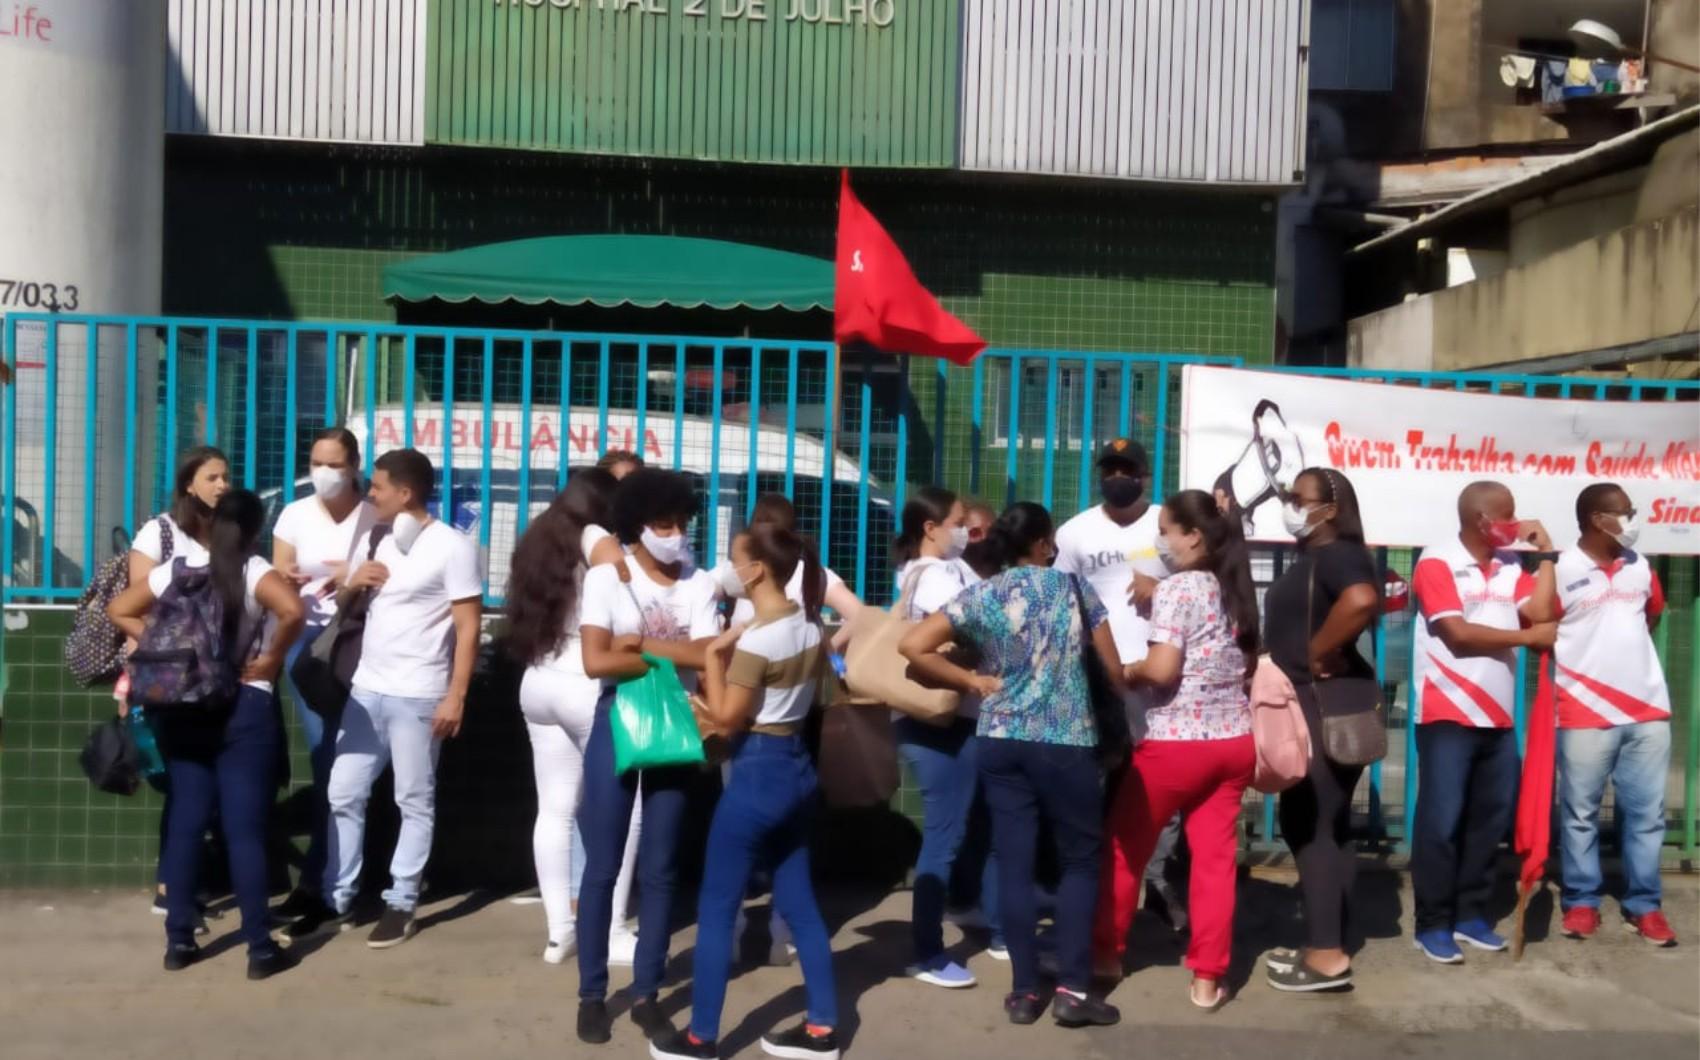 Funcionários de hospital fazem paralisação temporária em protesto por atraso de salário em Salvador